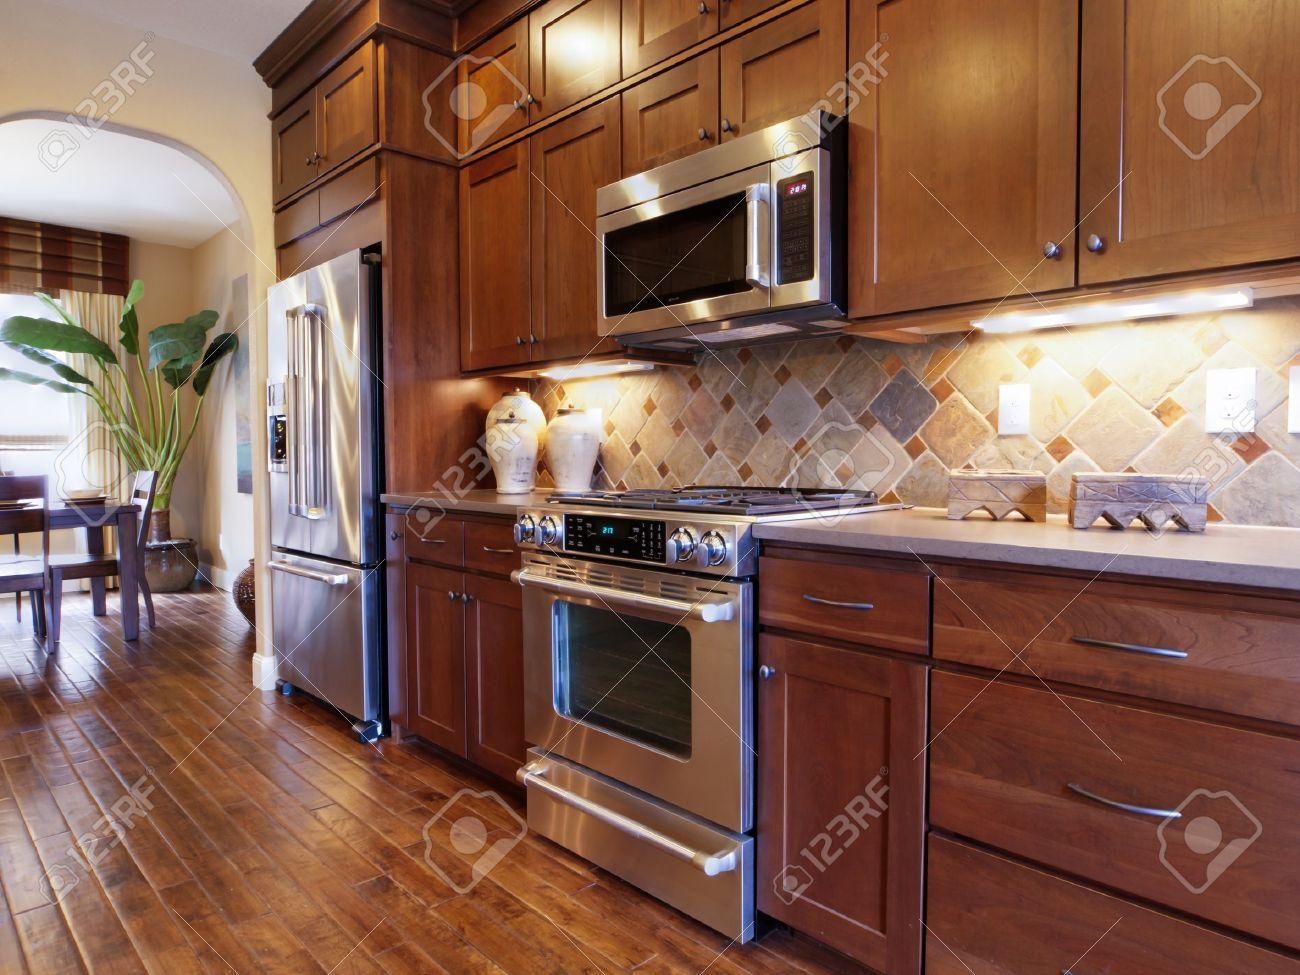 Cuisine moderne avec armoires en bois et appareils en acier ...